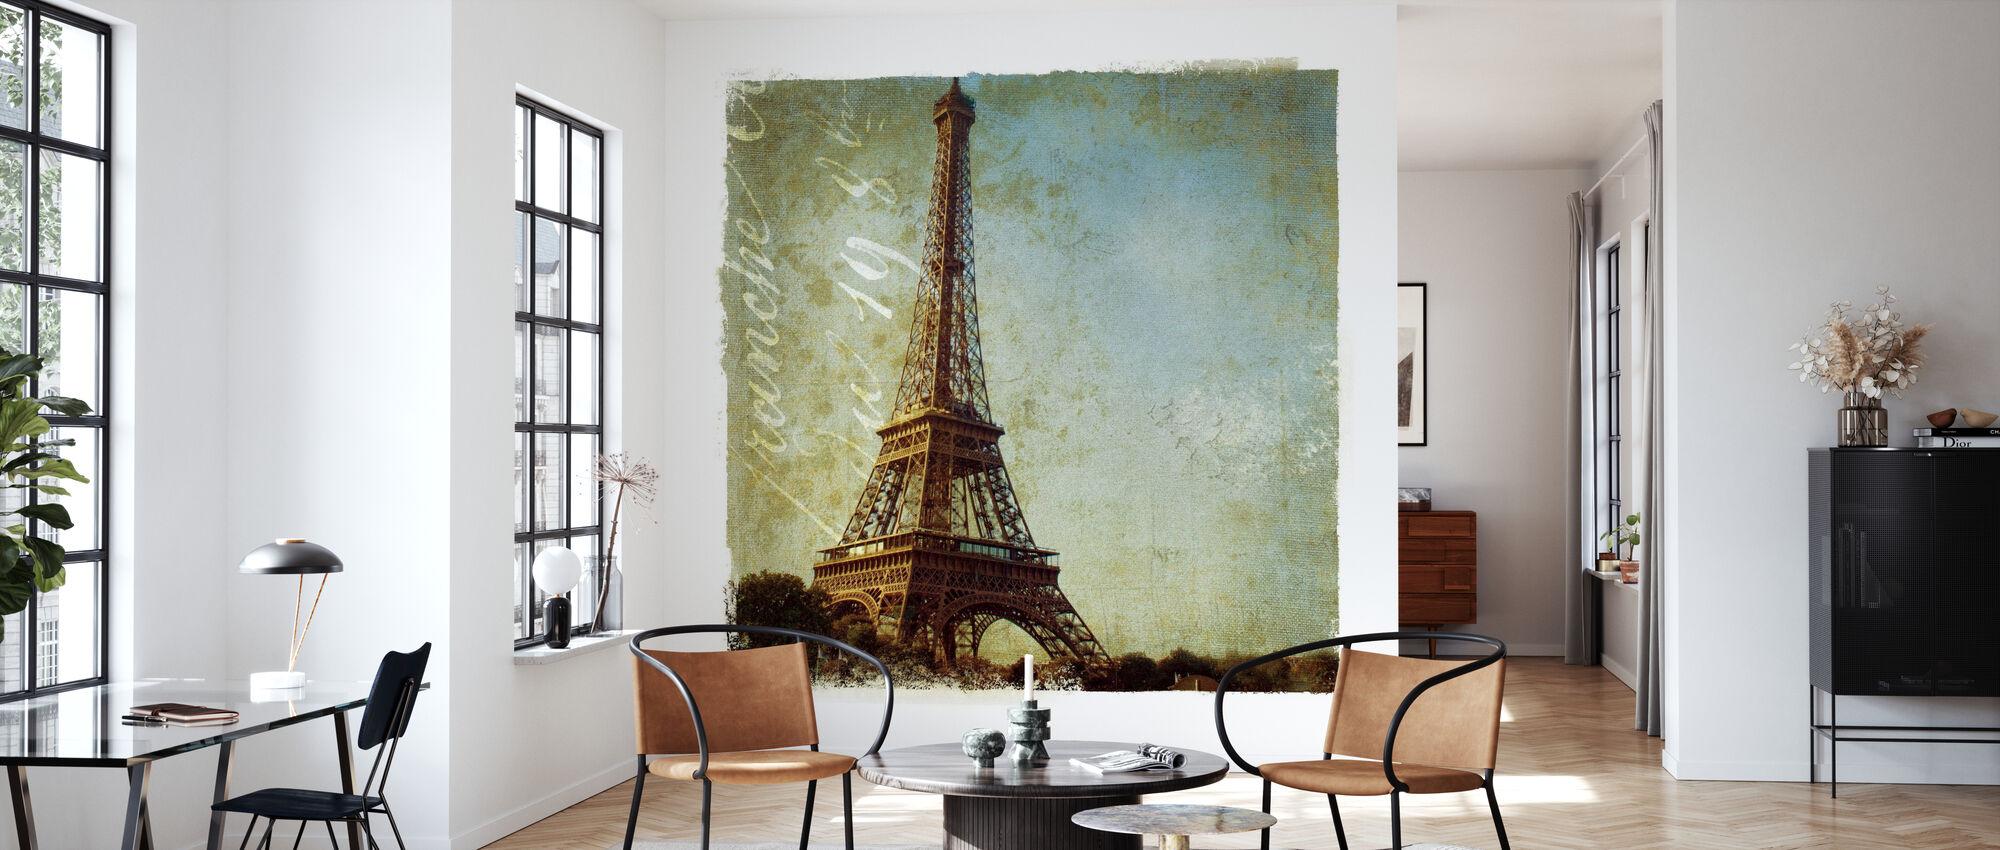 Golden Age of Paris I - Wallpaper - Living Room